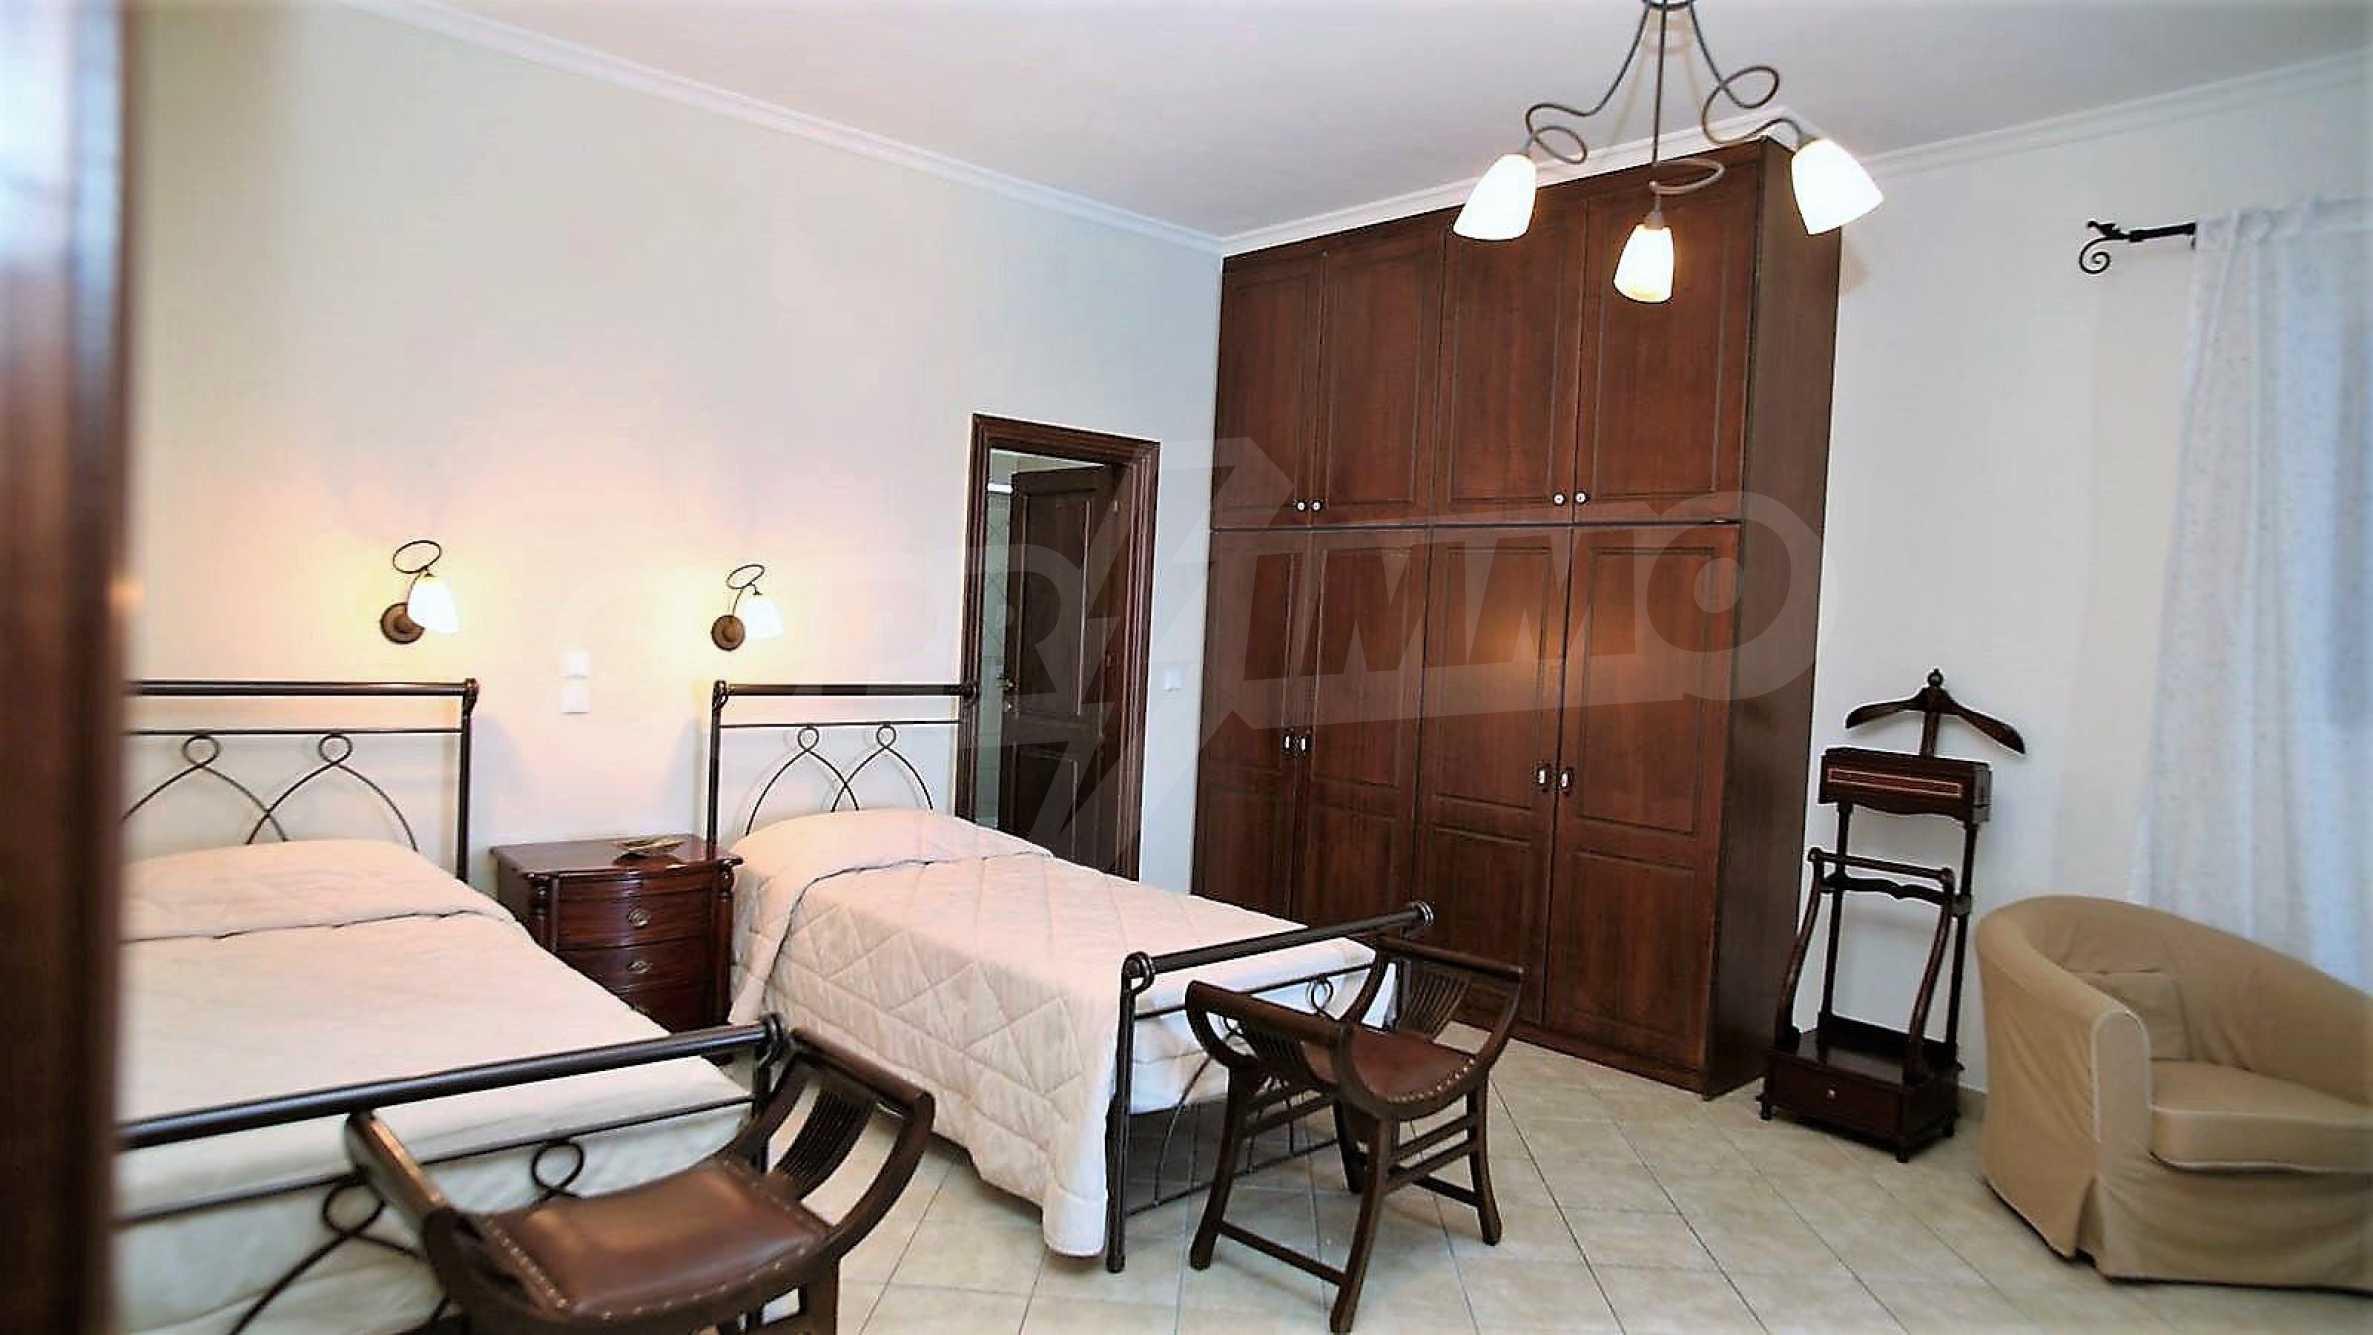 Превъзходна резиденция с достъп до девствен залив, остров Корфу 12